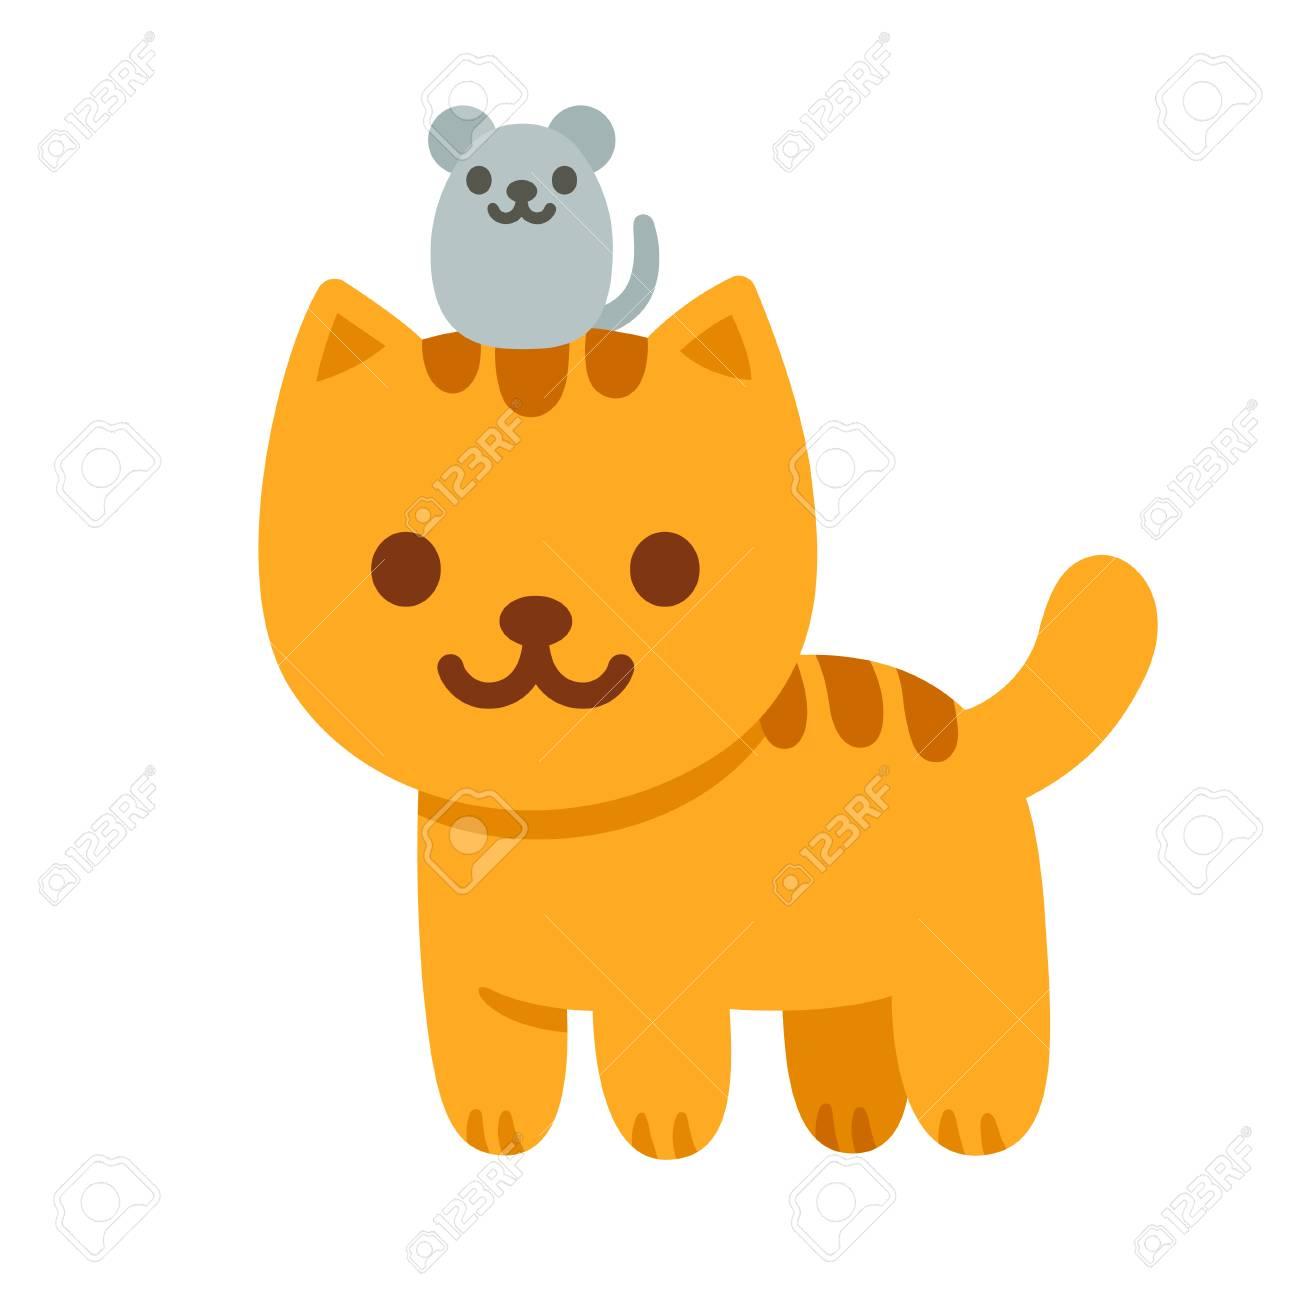 Gato De Dibujos Animados Y El Ratón Ilustración Vectorial. Gatito ...